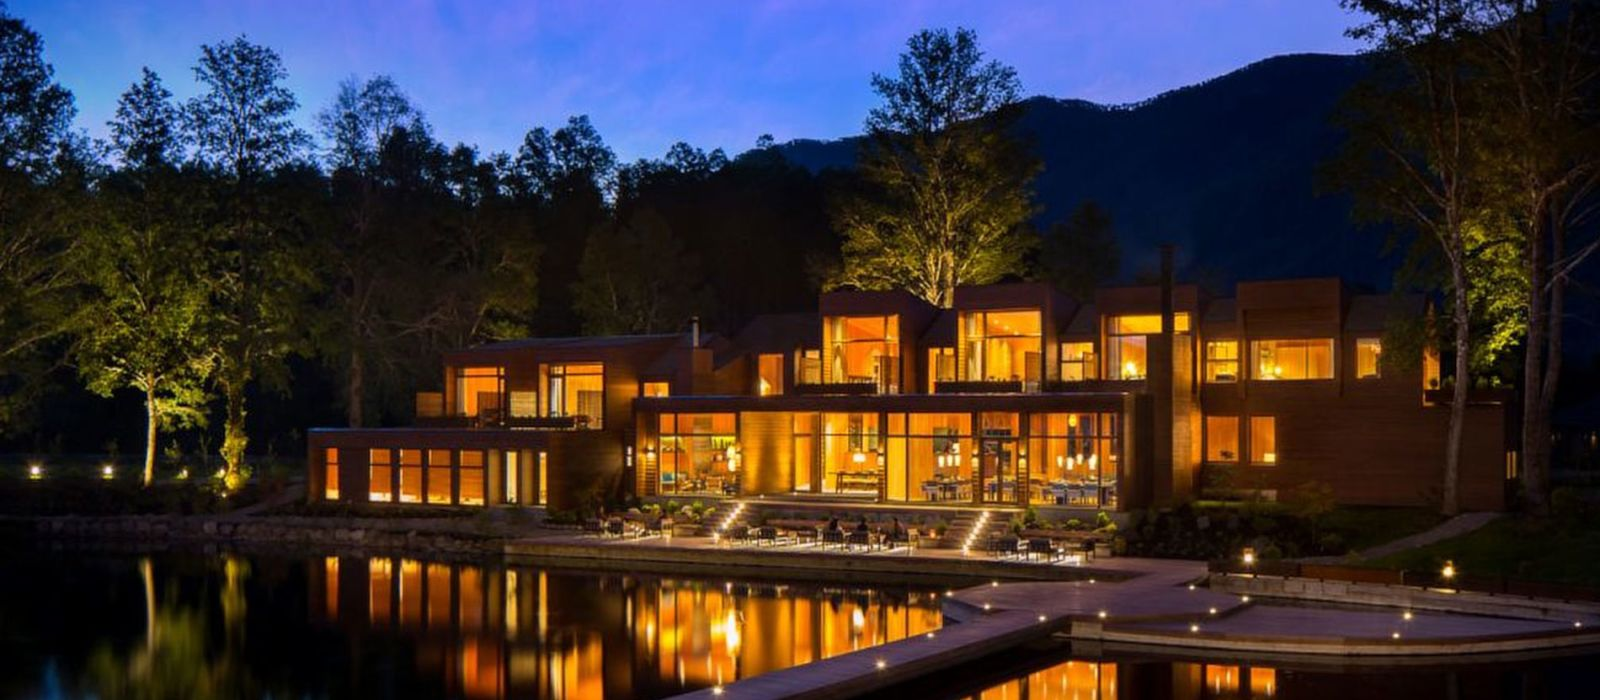 Hotel Vira Vira Chile